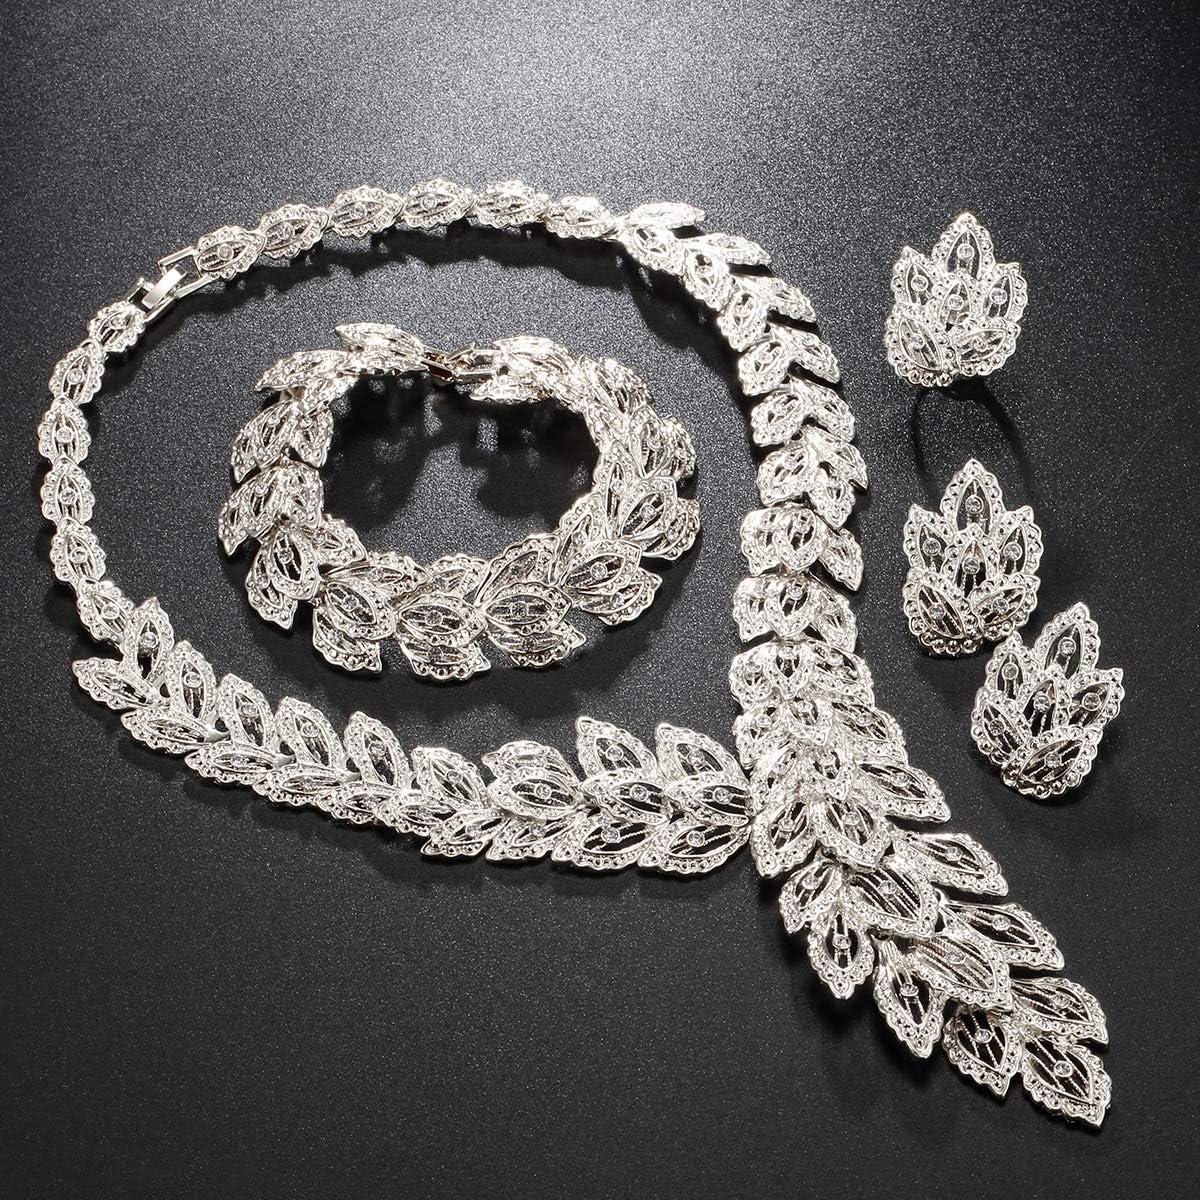 Grace Aleación De Plata 7 capa Colgante Collar de Declaración cadena joyería del Reino Unido Vendedor